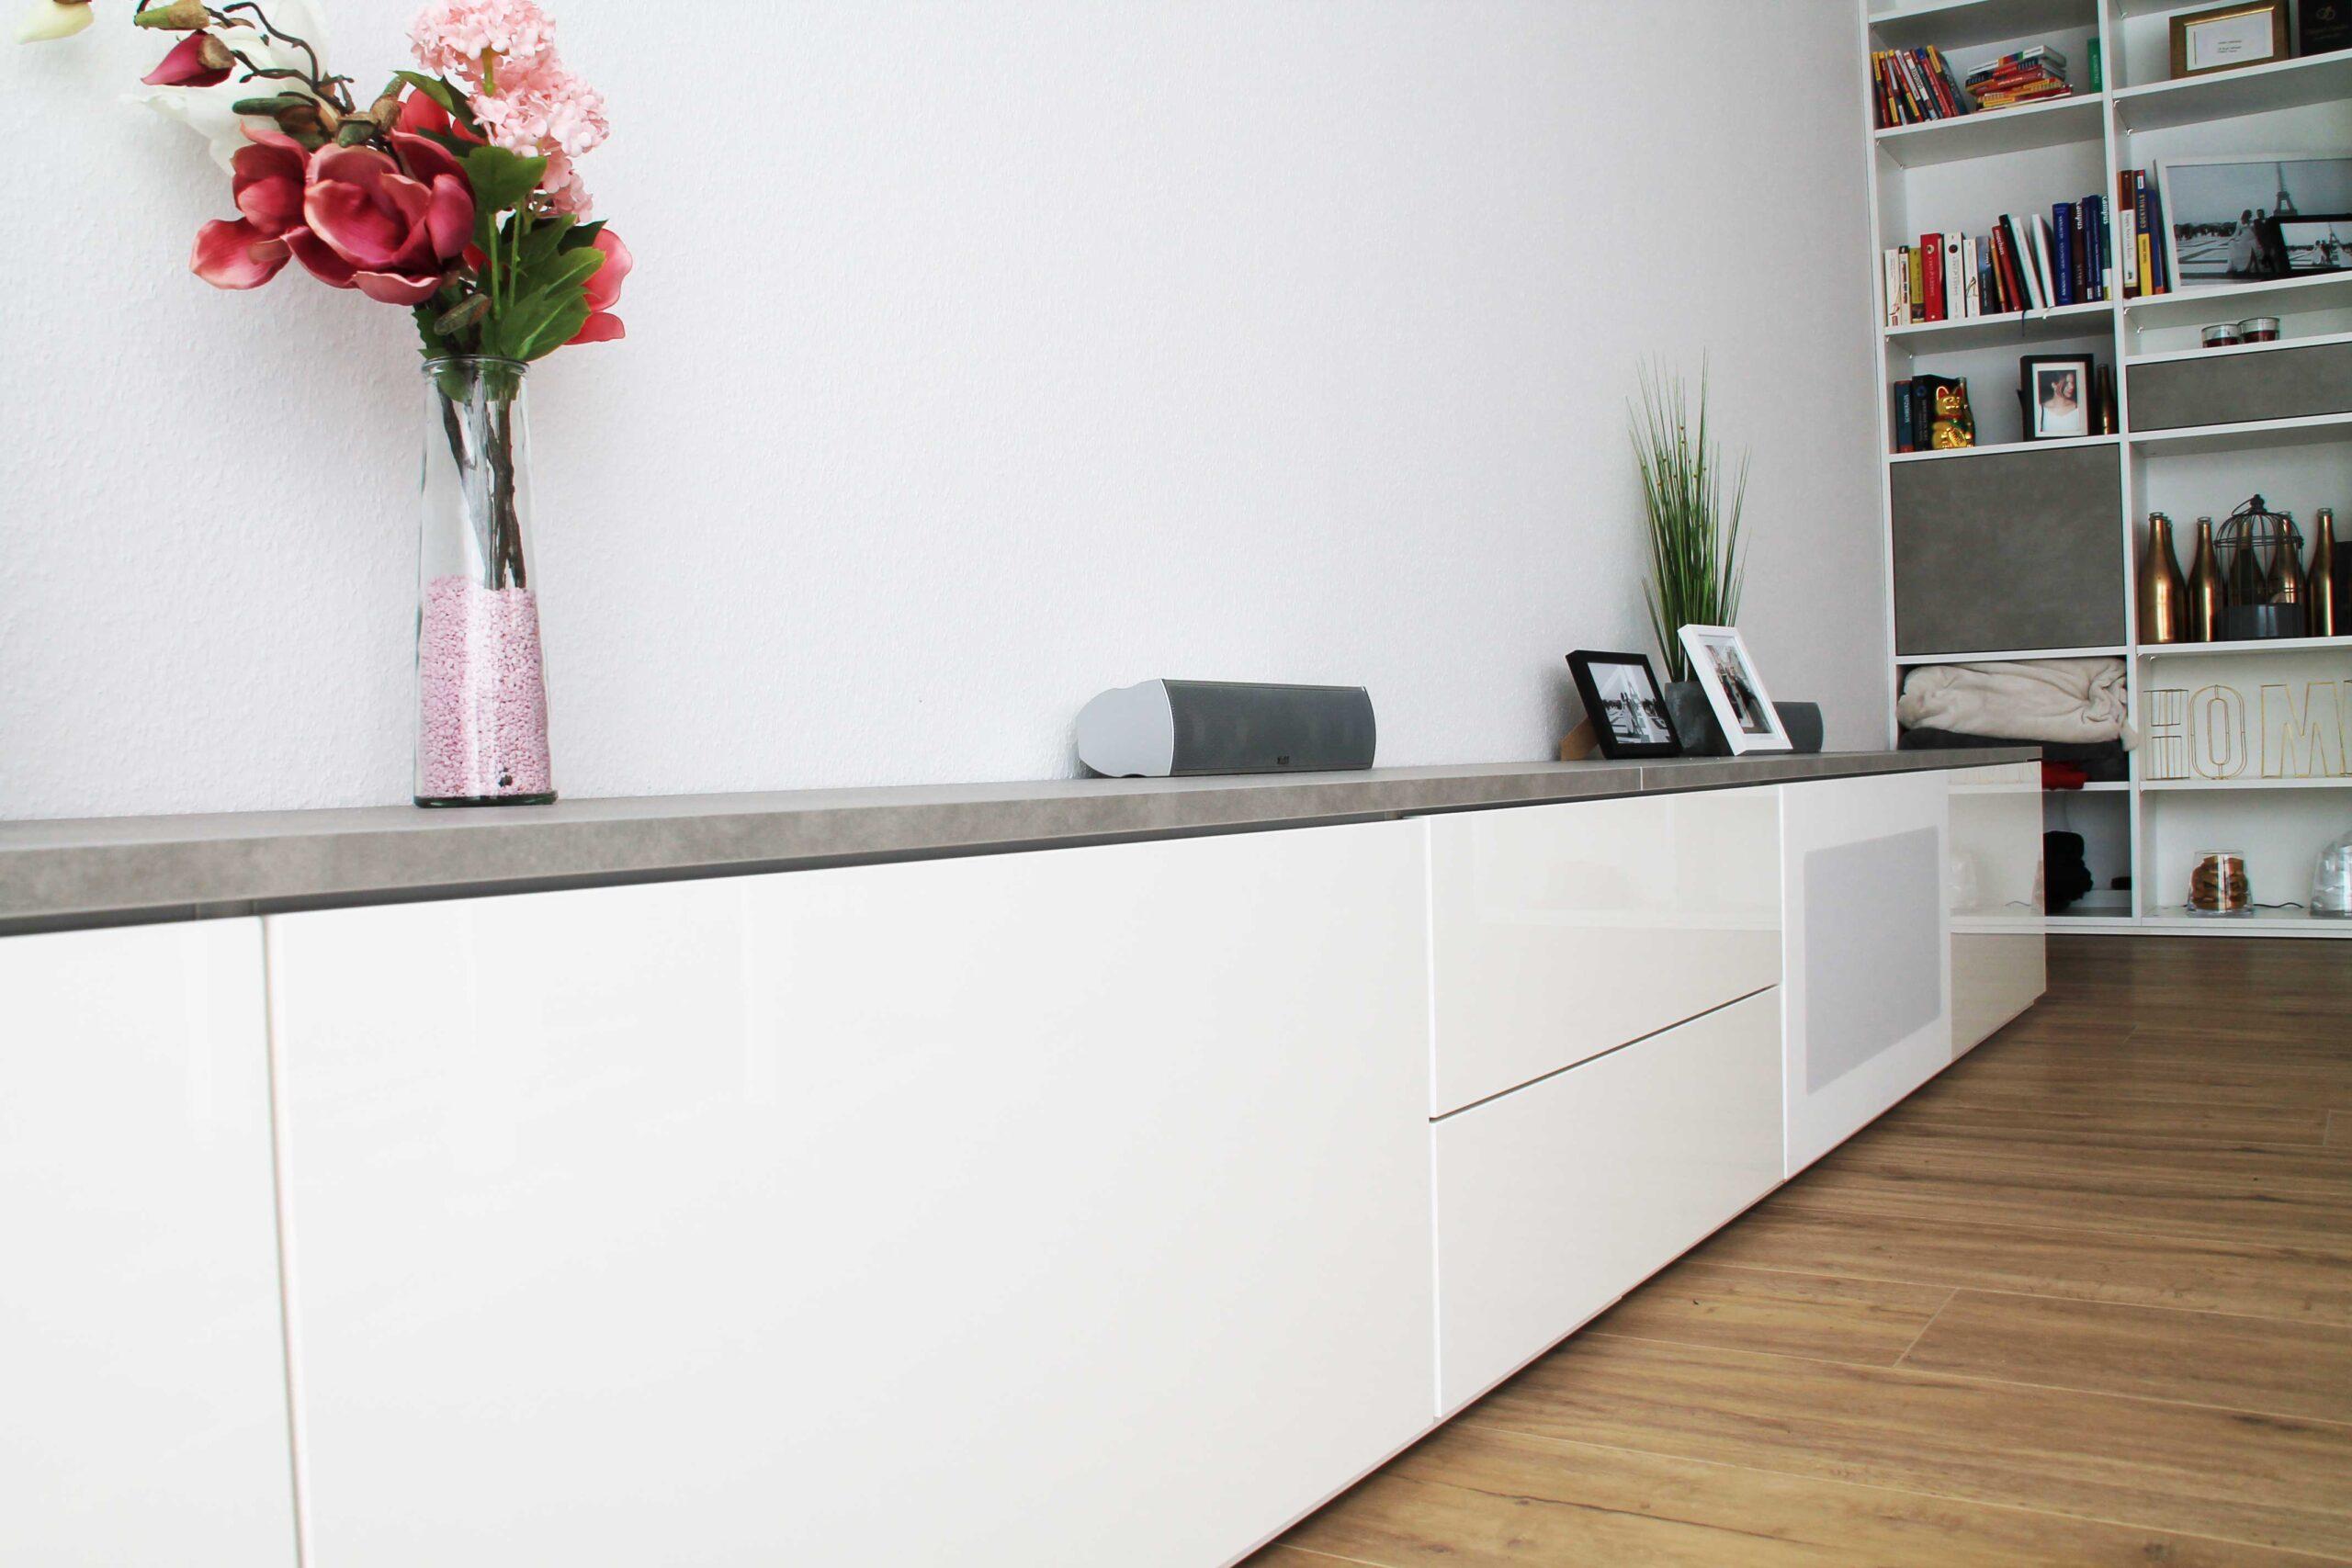 Full Size of Spiegelschrank Bad Modulküche Ikea Küche Kosten Kaufen Miniküche Eckunterschrank Sofa Mit Schlaffunktion Regal Dachschräge Hängeschrank Höhe Wohnzimmer Dachschräge Schrank Ikea